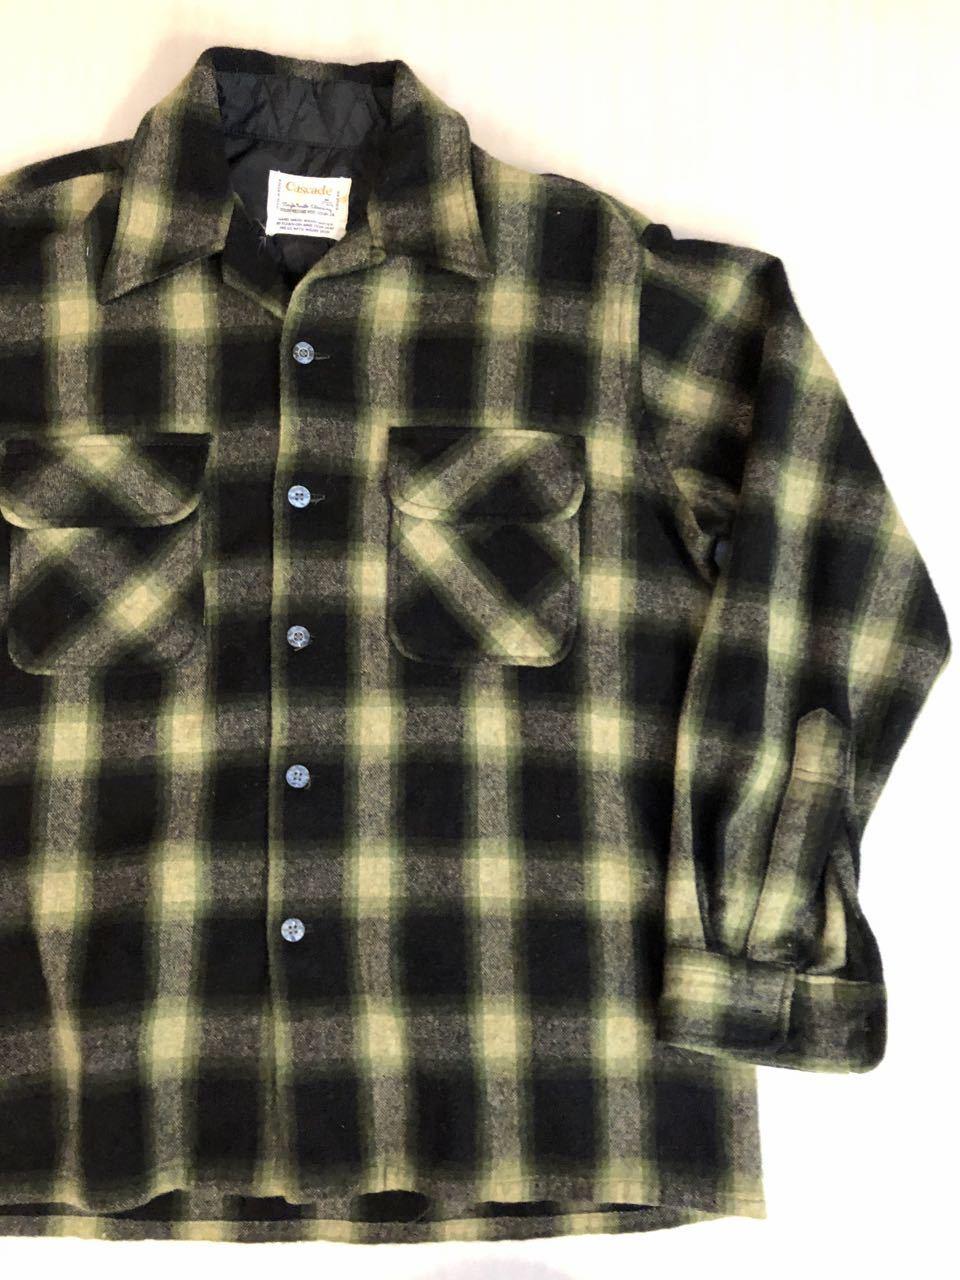 12月29日(日)入荷!60s〜オンブレ オープンカラーウールシャツ wool shirts!_c0144020_19263759.jpg